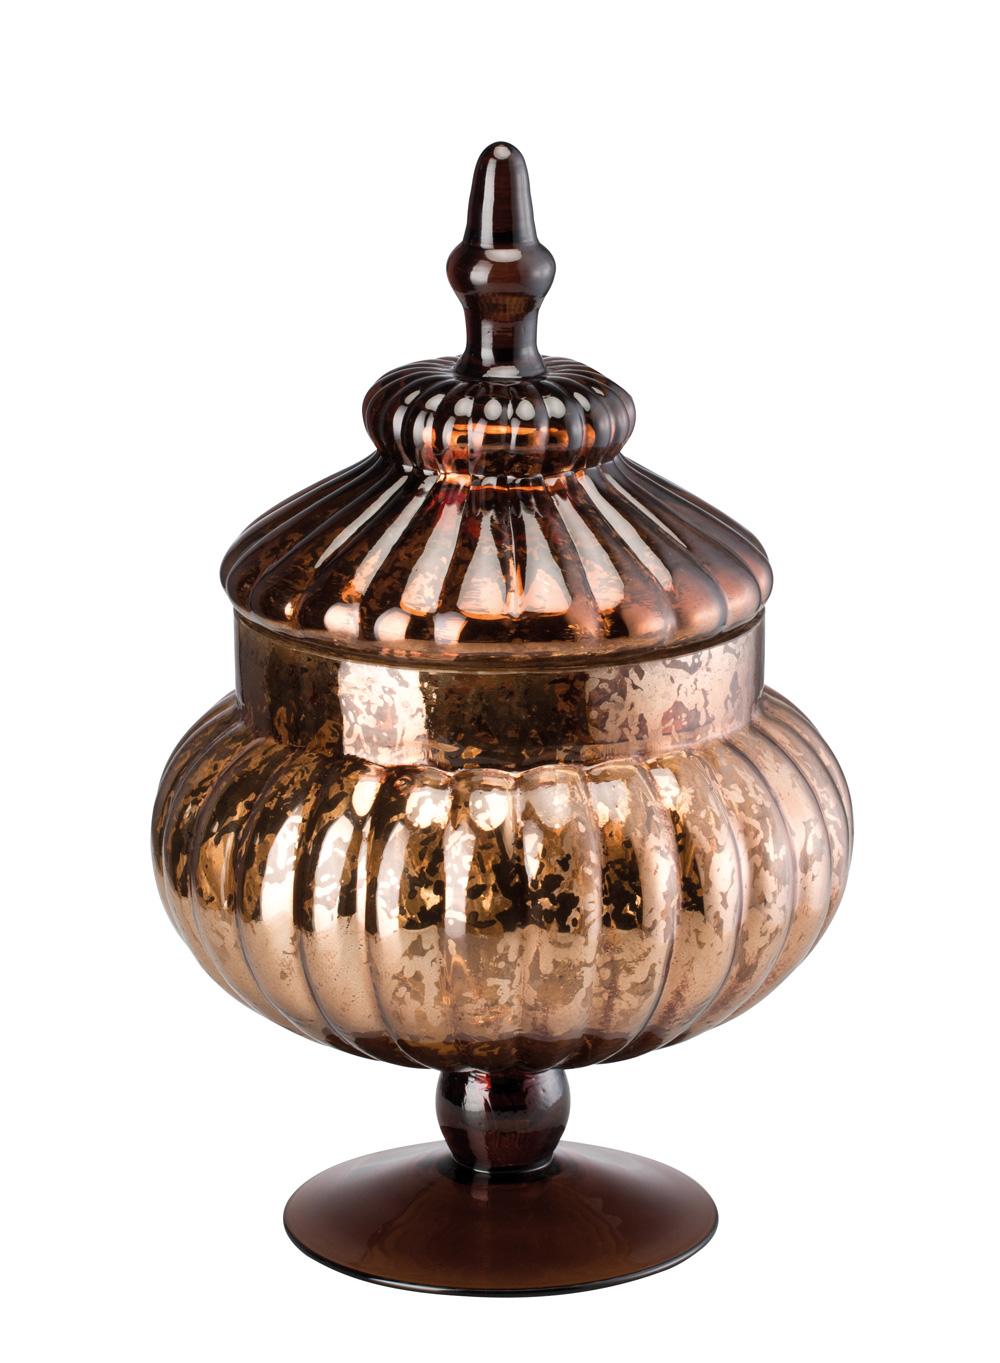 Hutschenreuther Winterromantik Glas Braun Pokal Mit Deckel